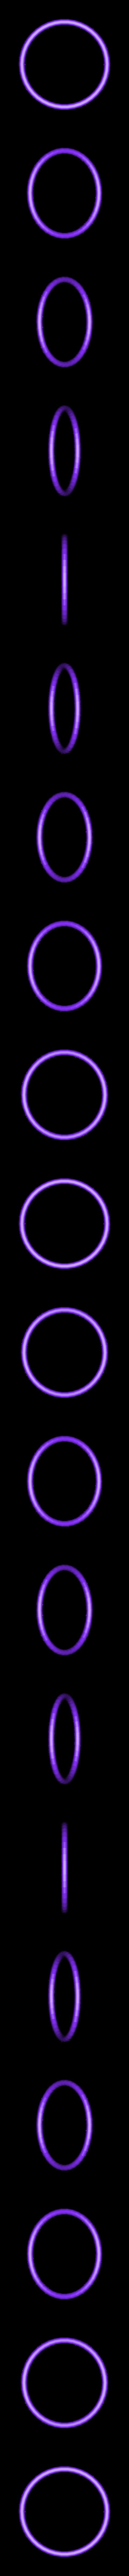 Bentwood_Circle.stl Télécharger fichier STL gratuit 1:24 Chaise Thonet • Modèle pour impression 3D, gabutoillegna56